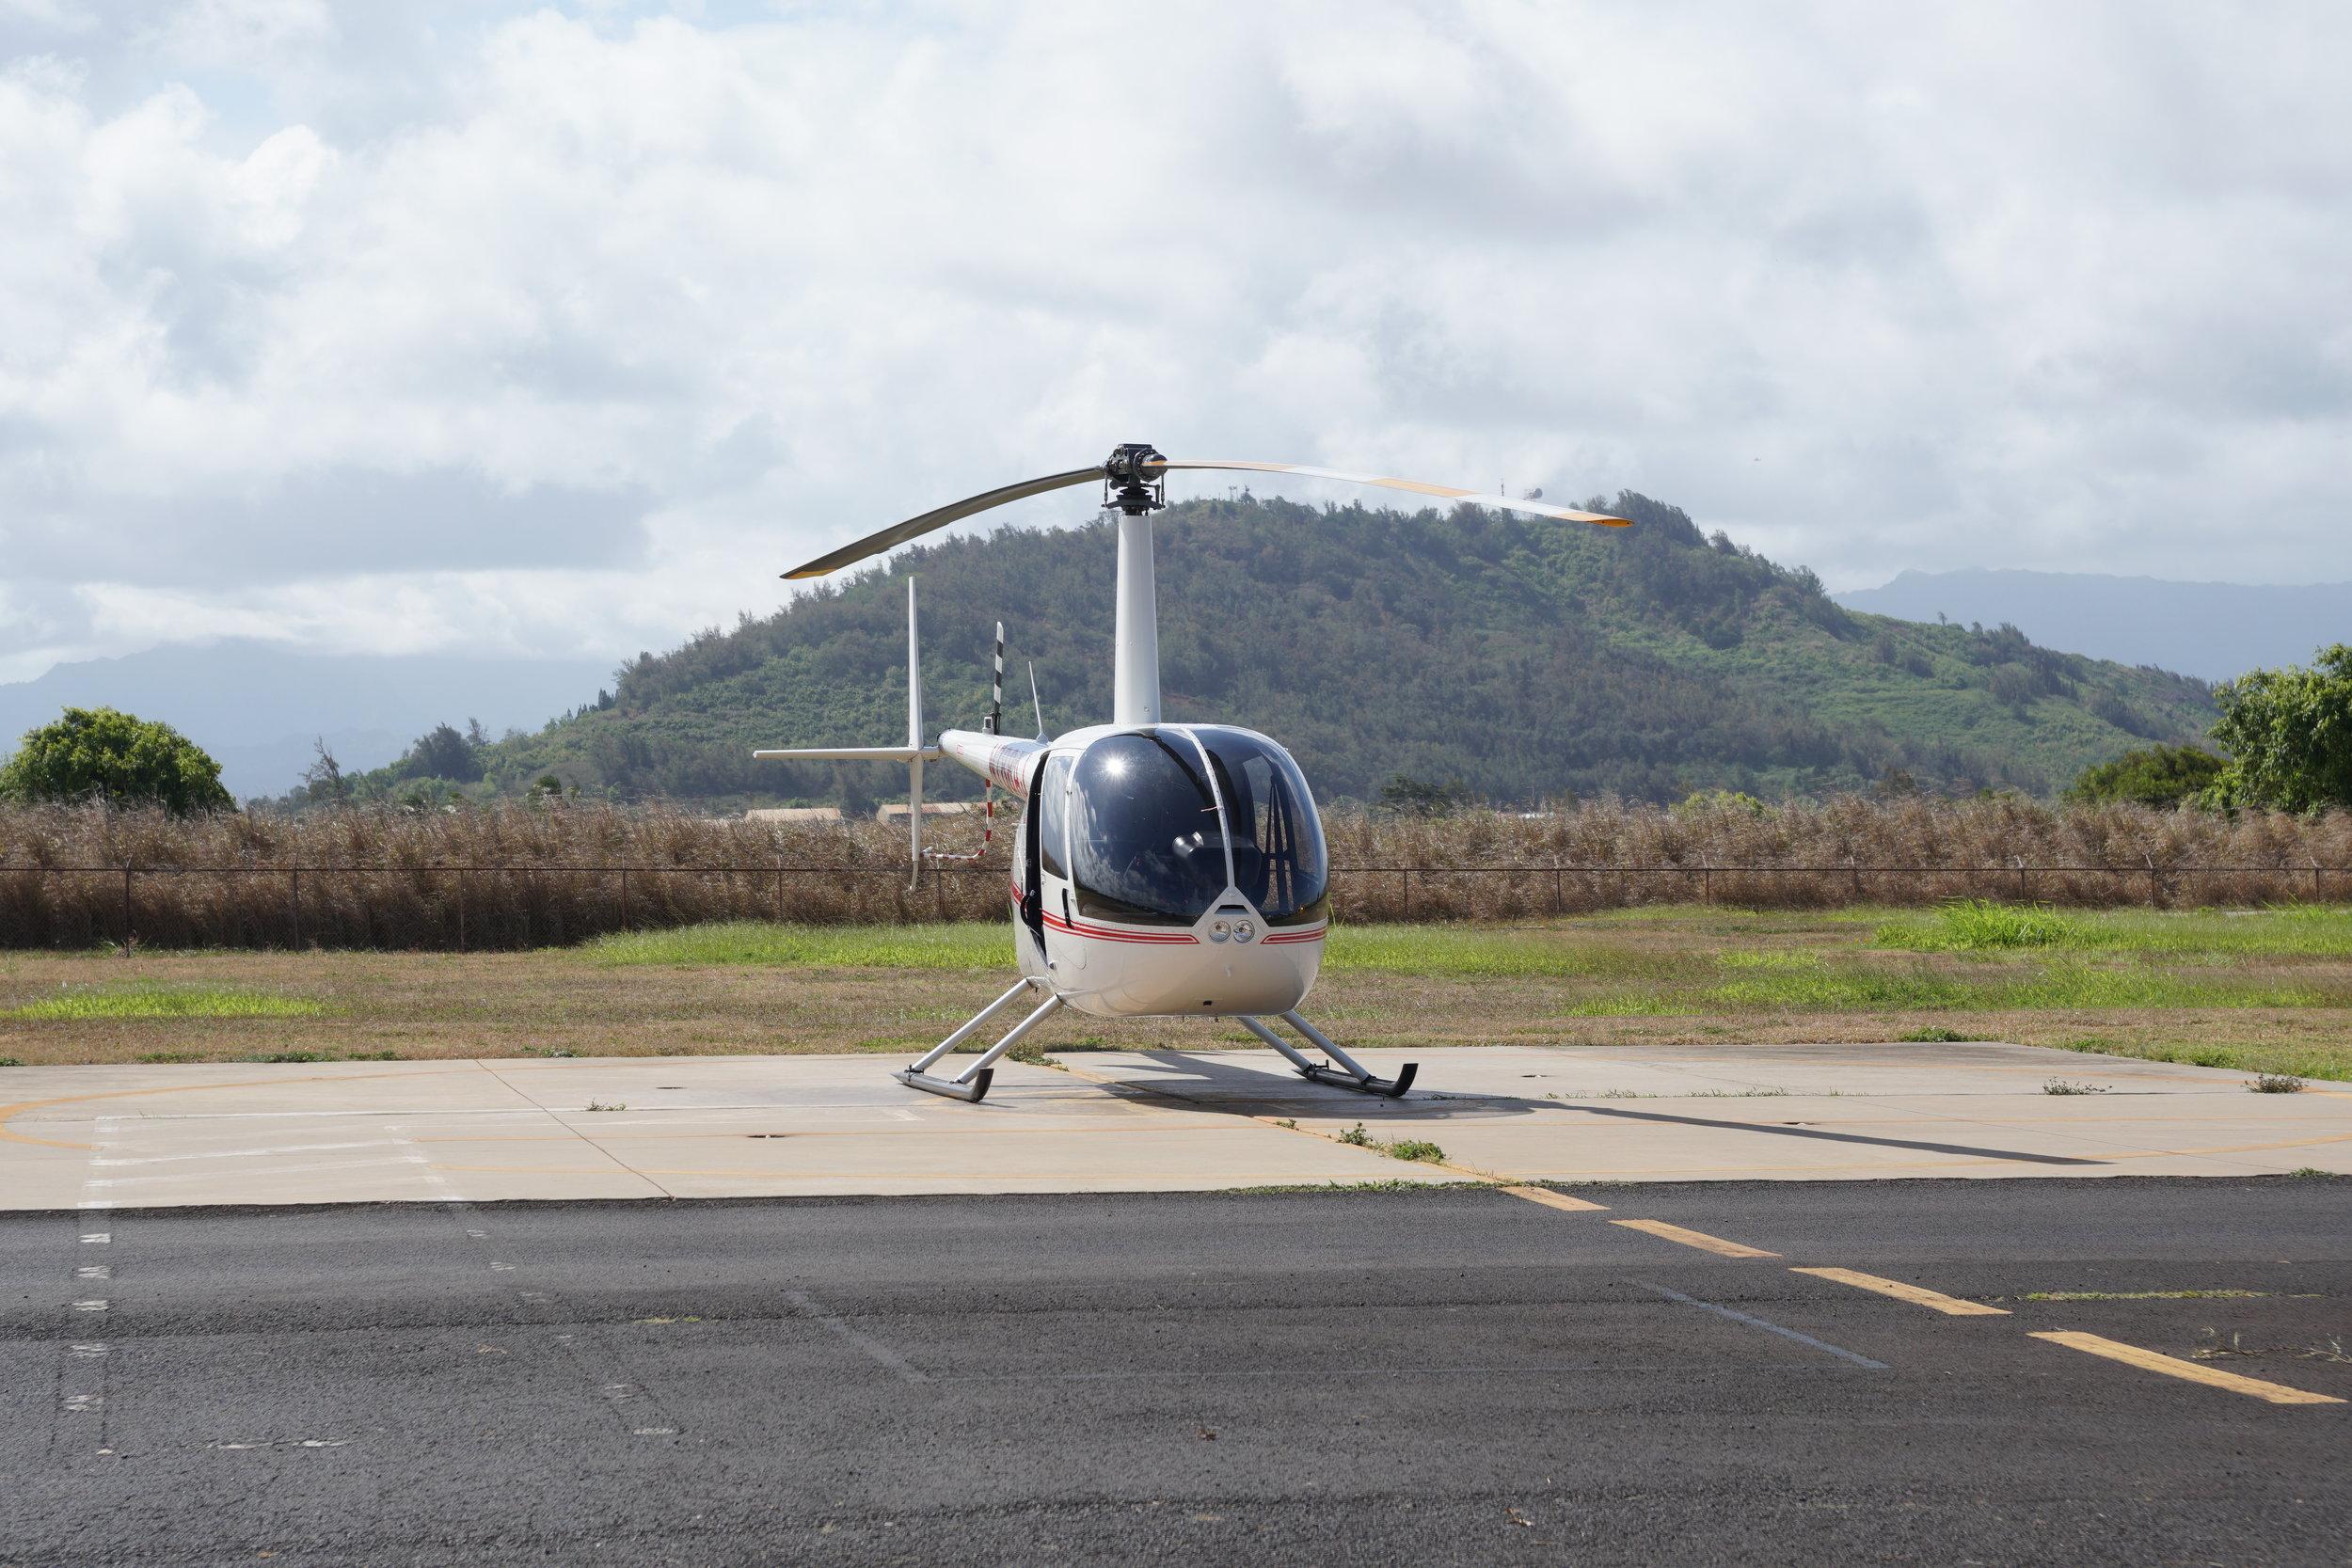 Der frisch polierte Helikopter R44 steht für uns bereit 😊